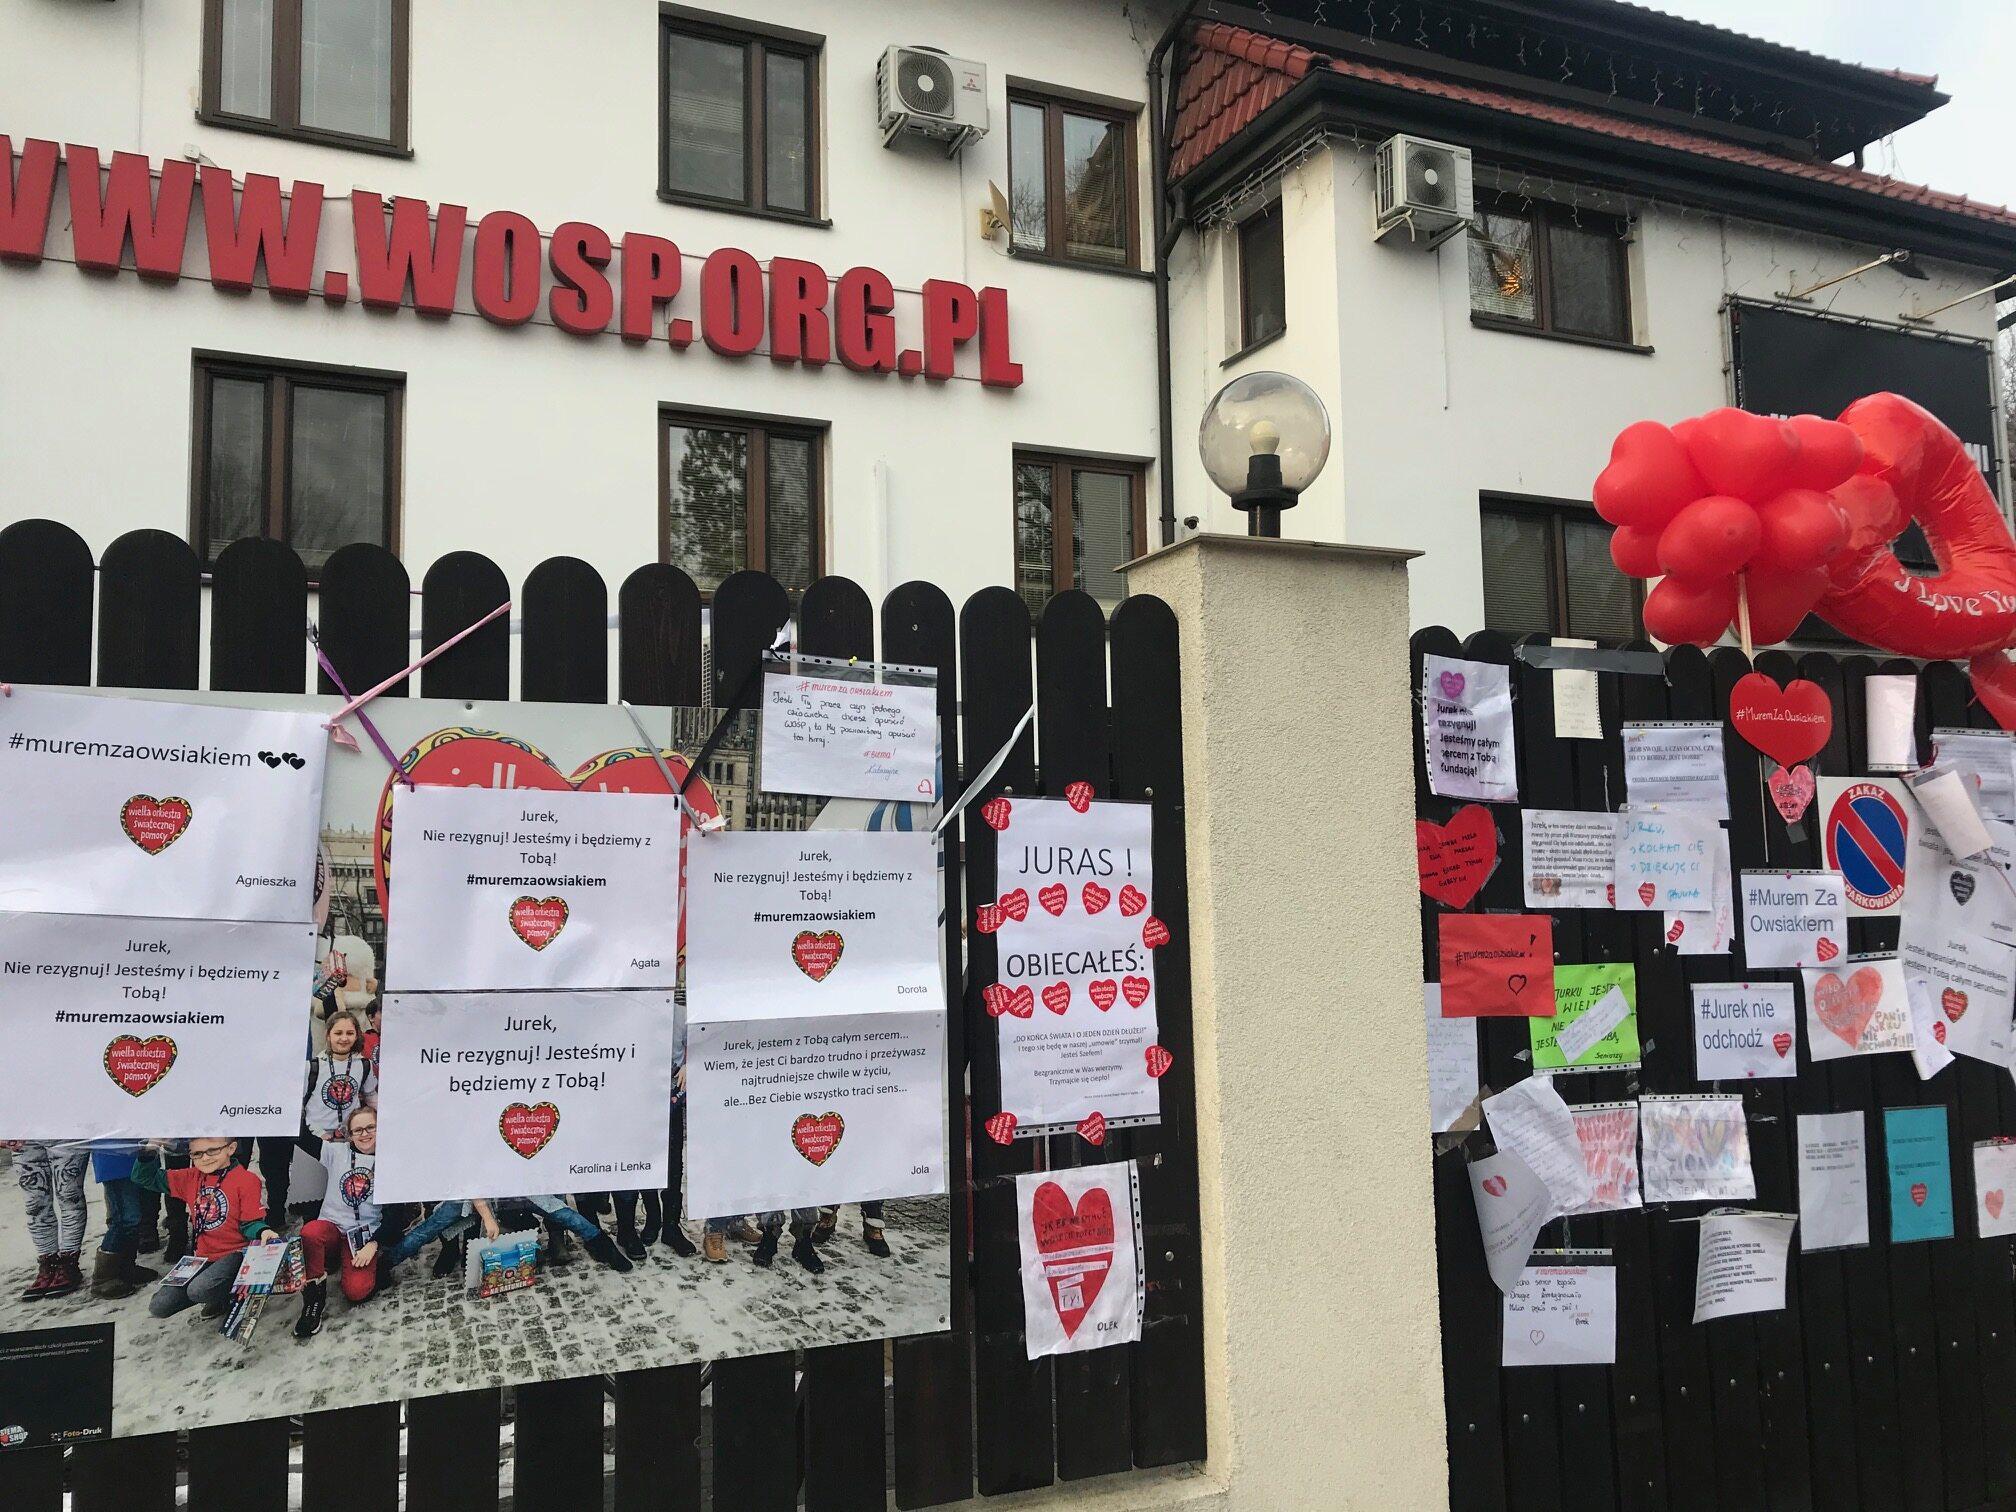 Wyrazy poparcia dla Jurka Owsiaka i WOŚP